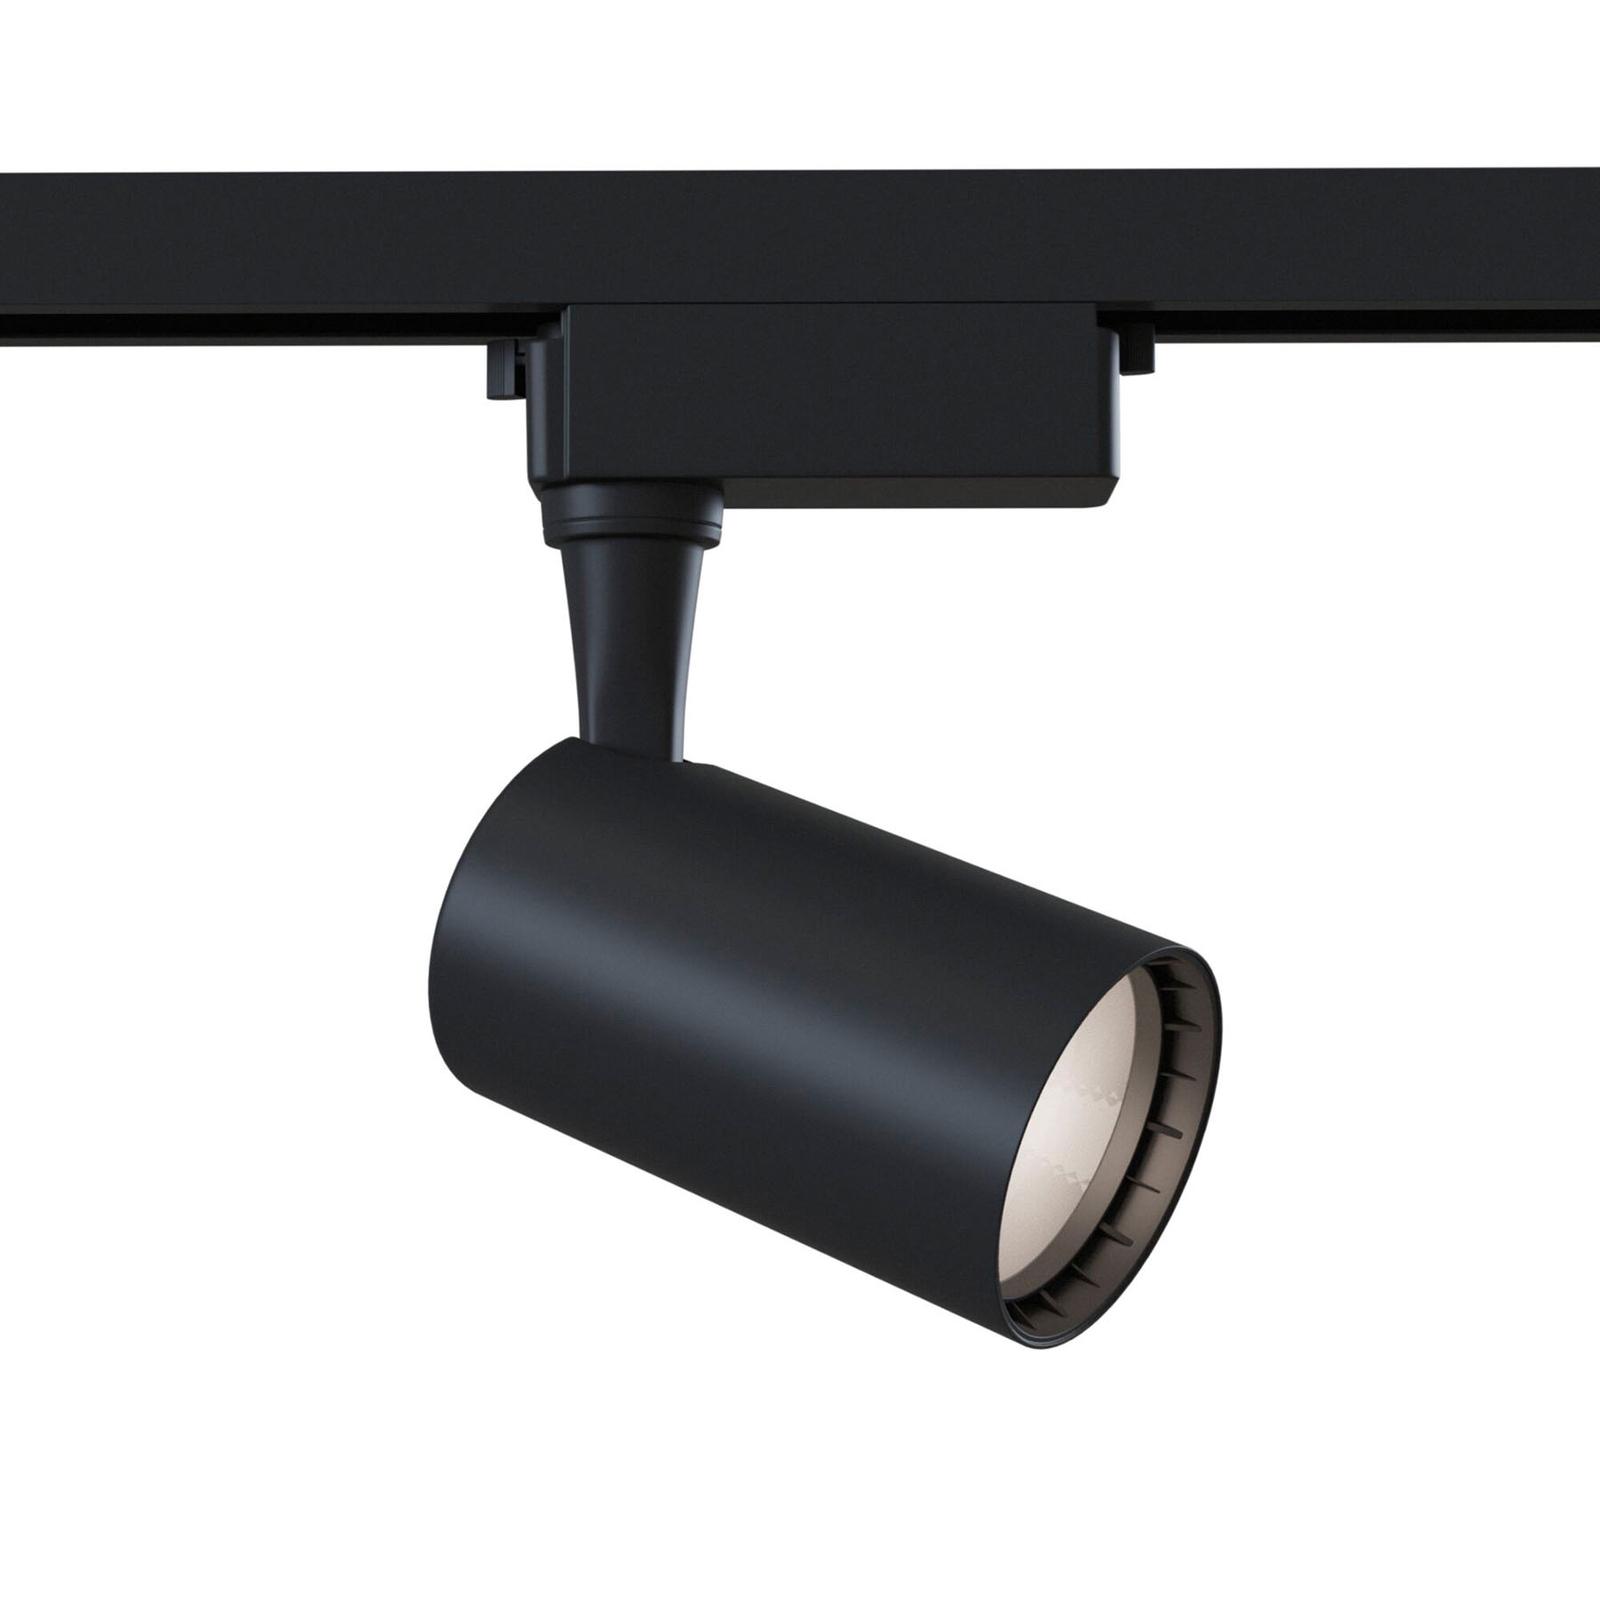 1-Phasen-Strahler Track LED 3000K 6W, schwarz kaufen